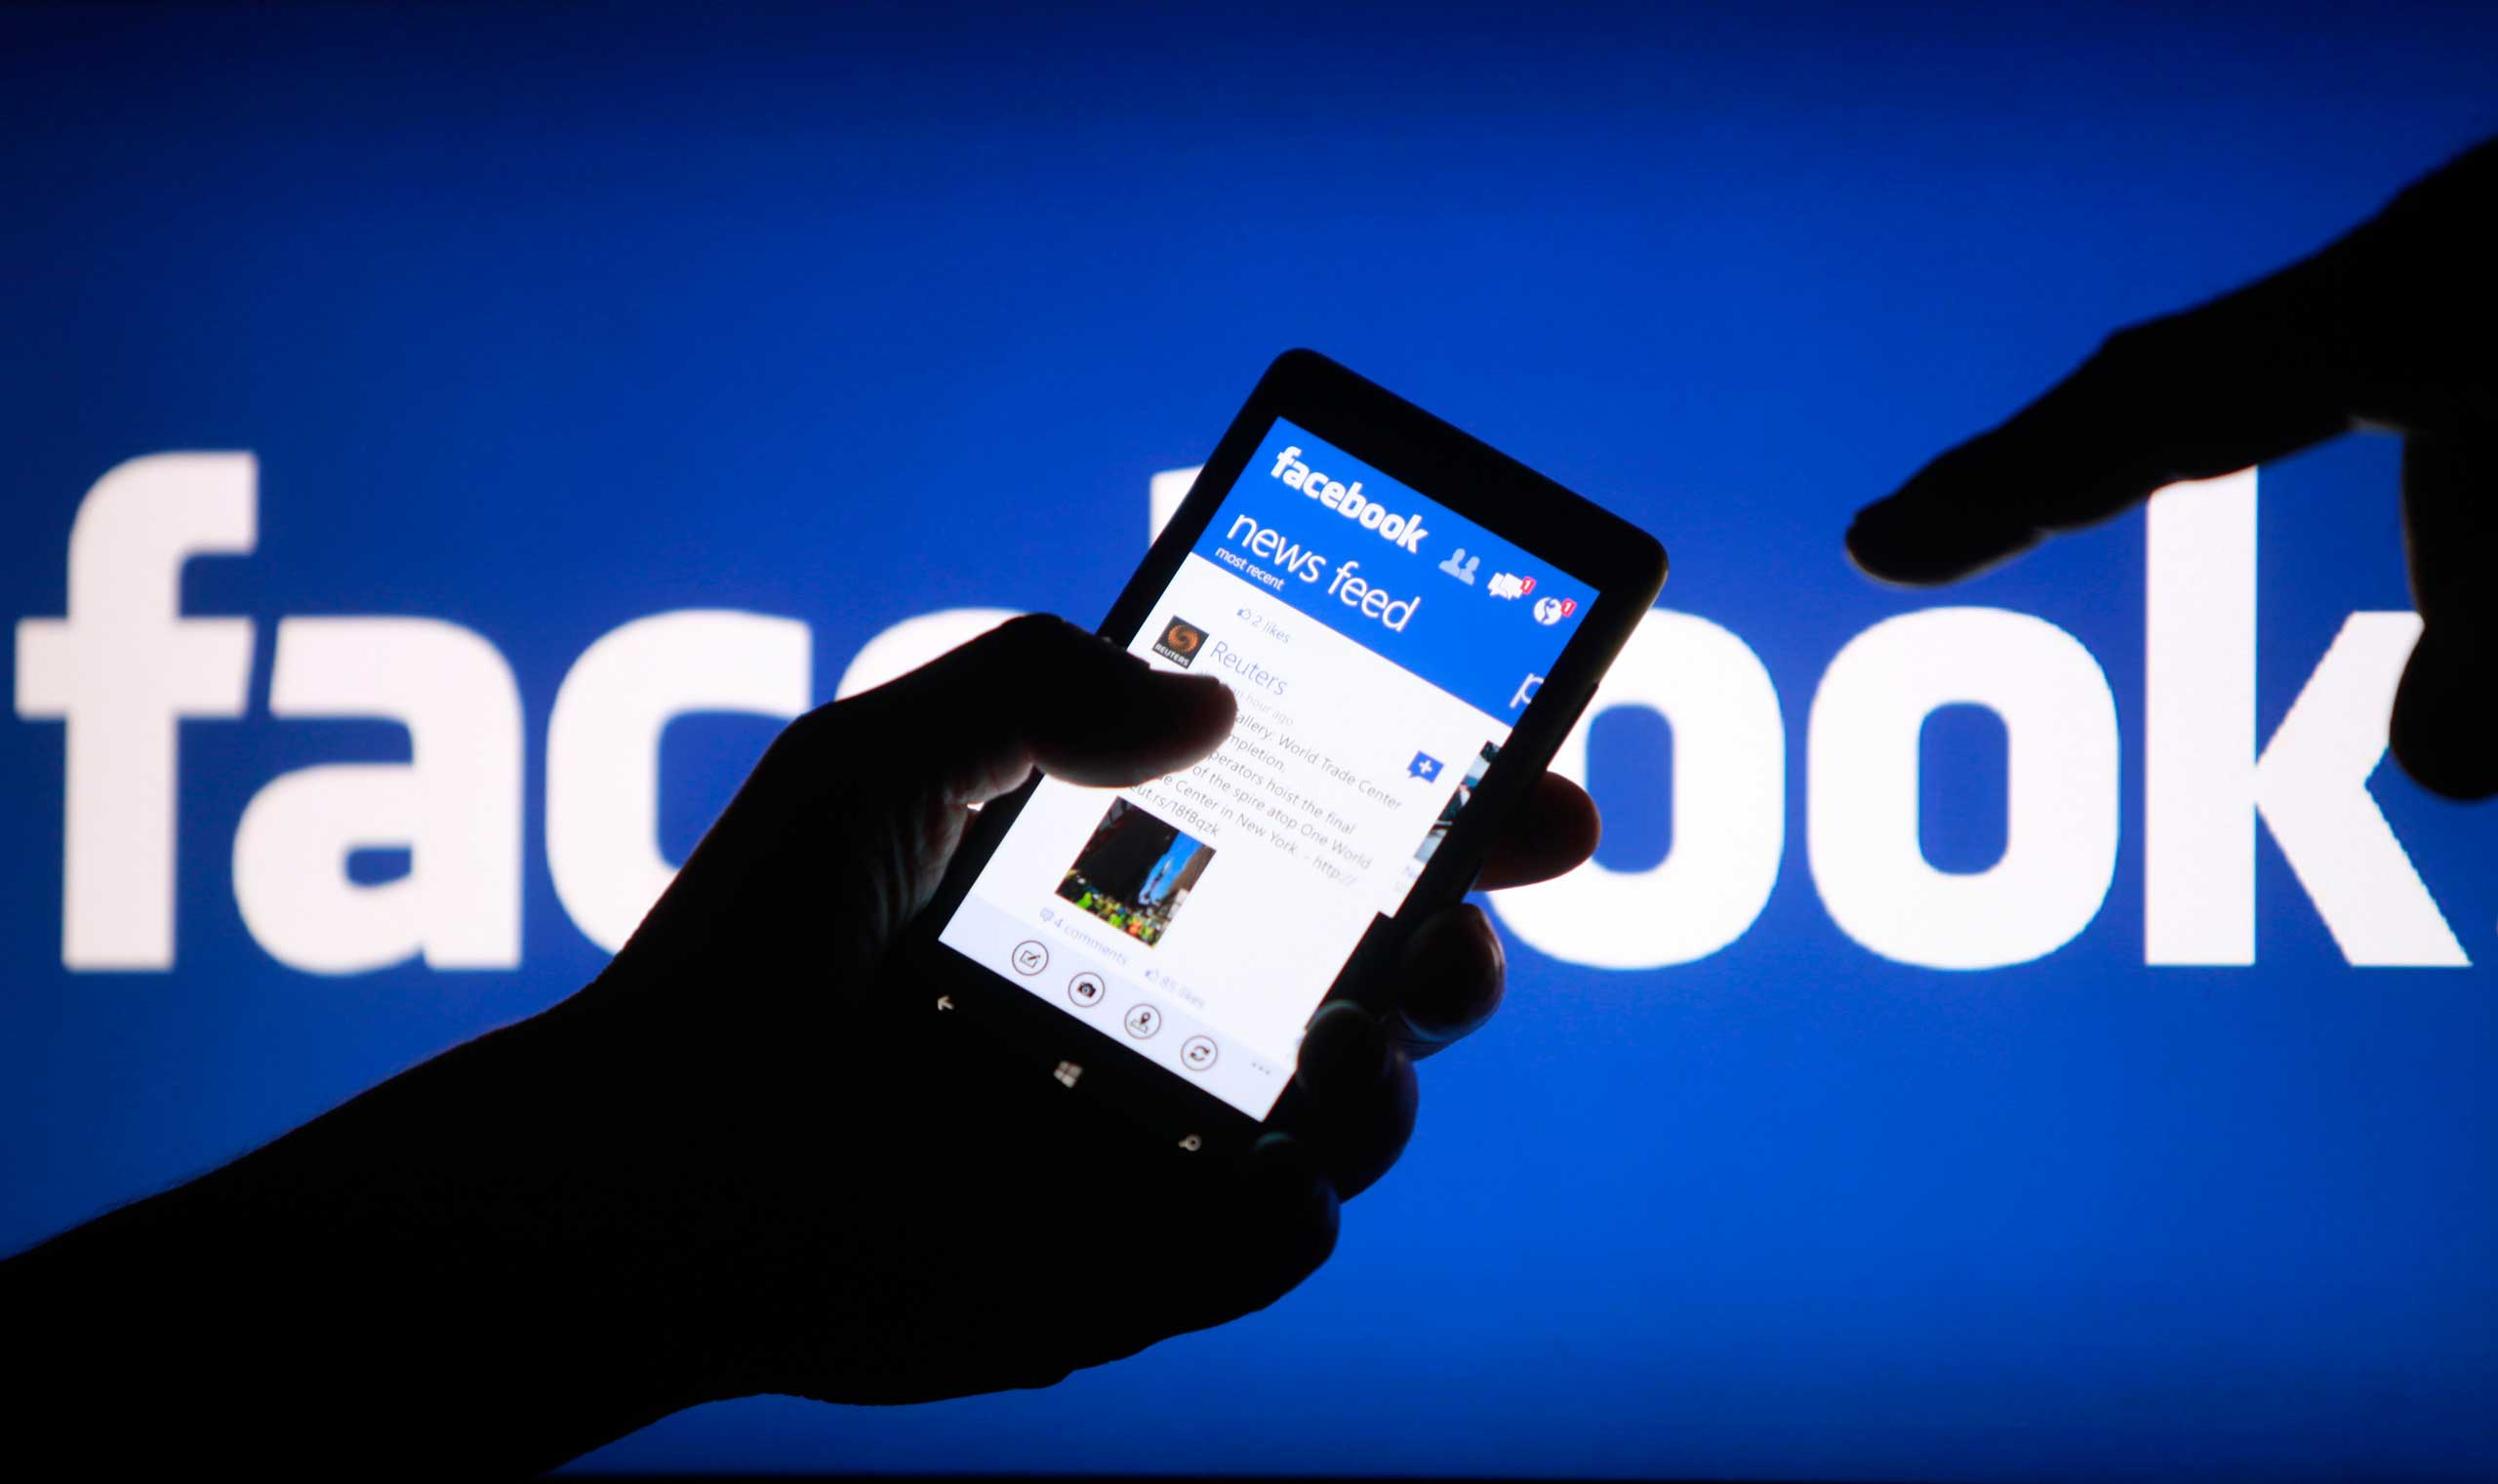 La UE y el Reino Unido abren una investigación contra Facebook por presuntas prácticas monopólicas